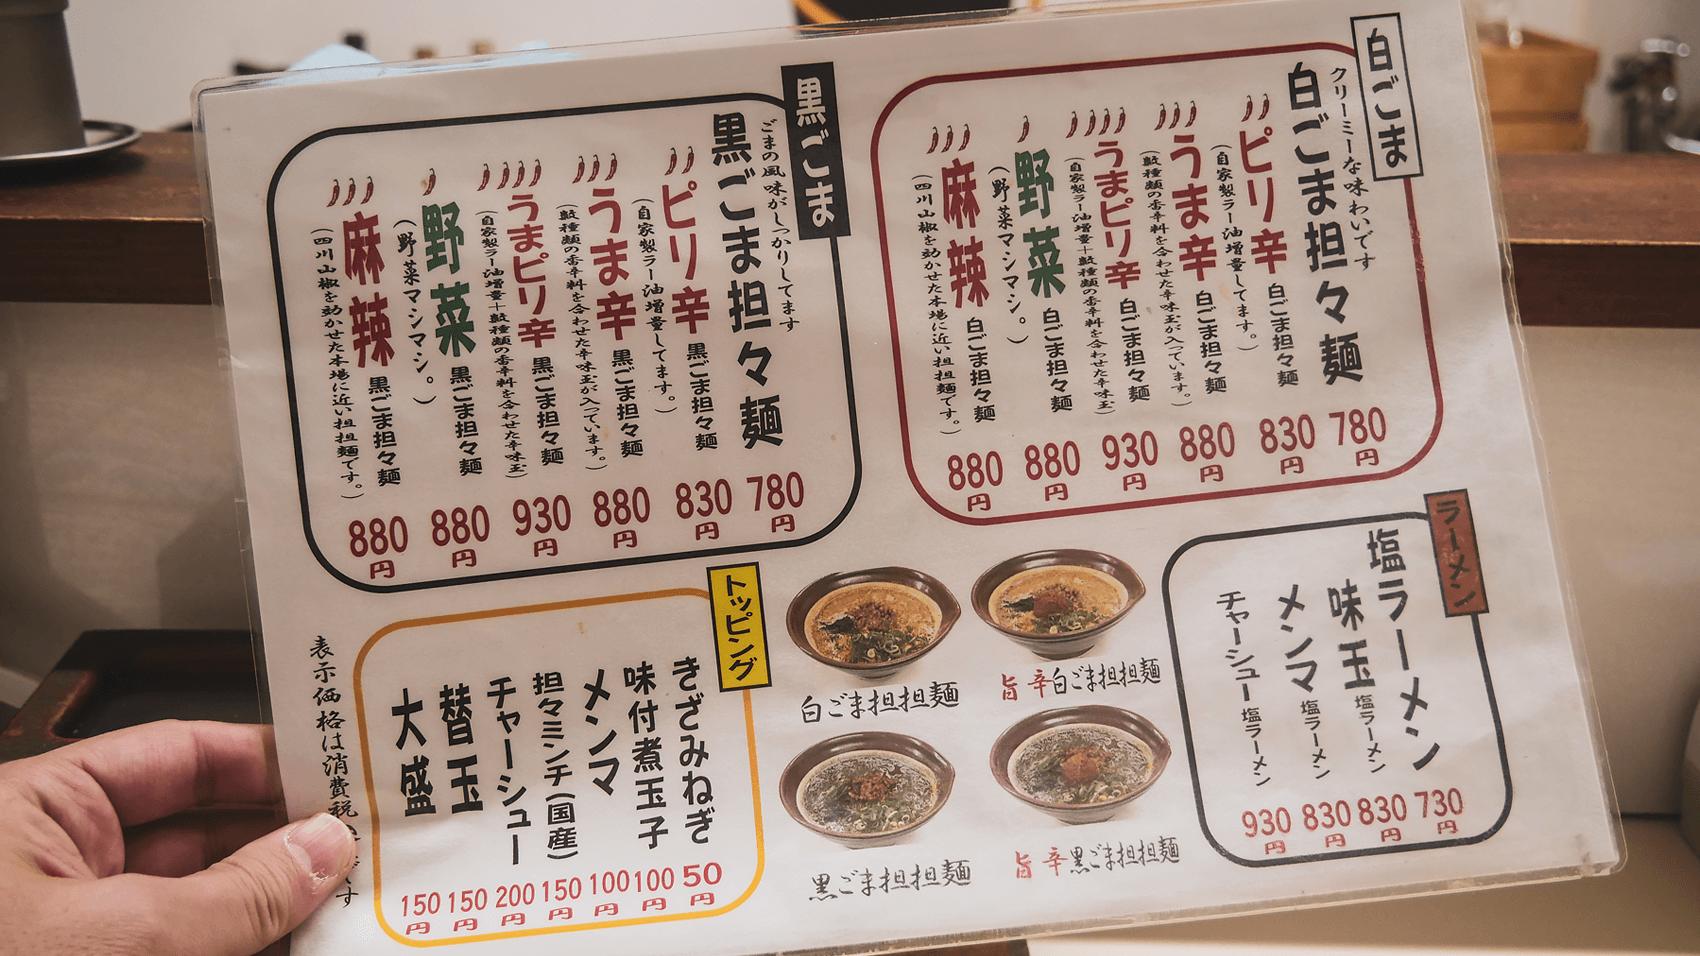 担々麺 信玄のメニュー